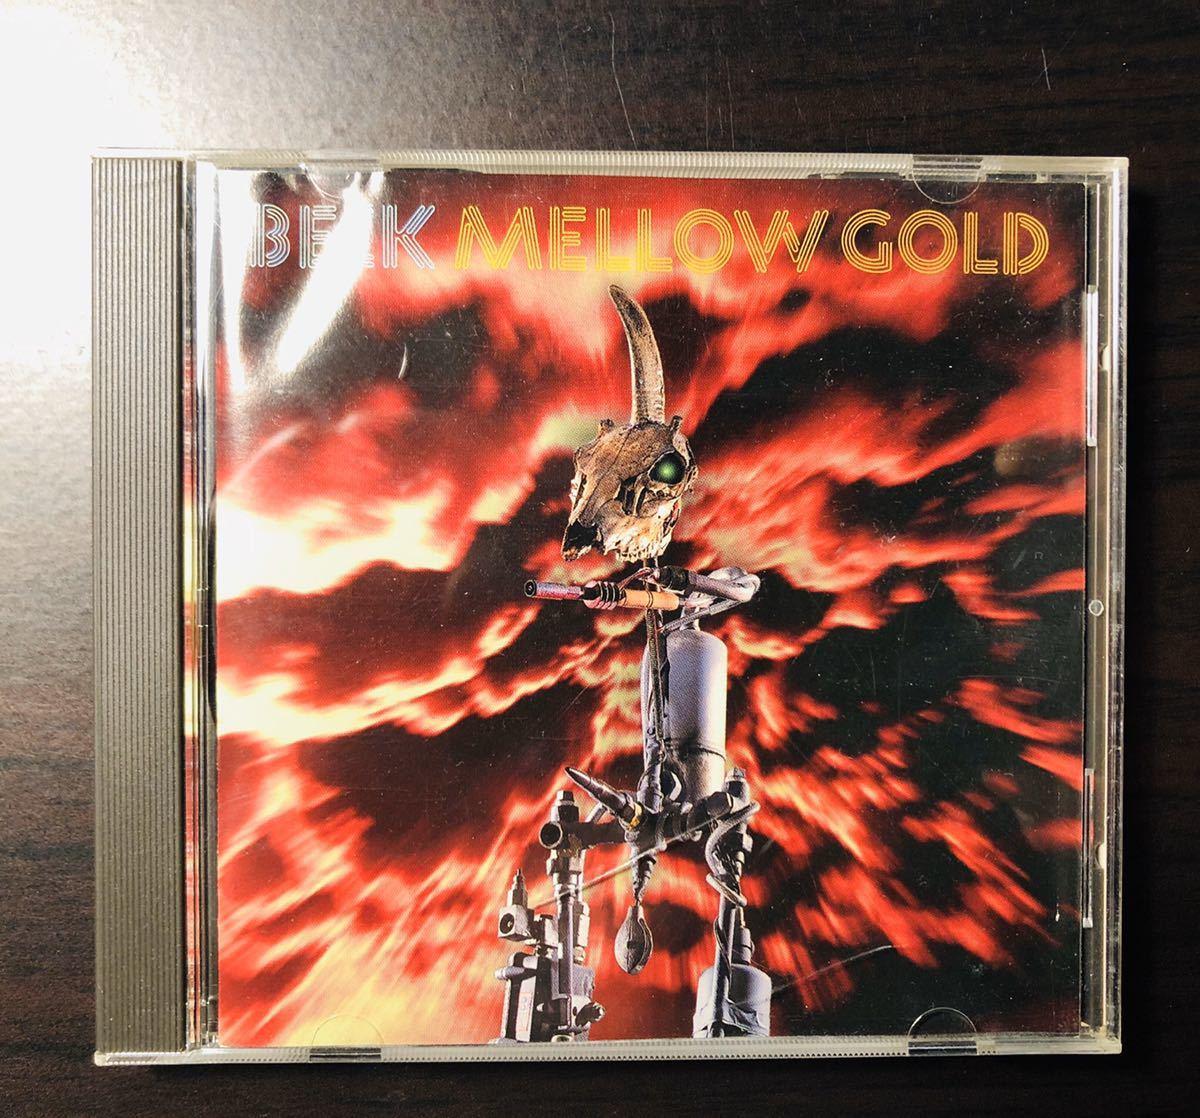 BECK MELLOW GOLD Loser 収録